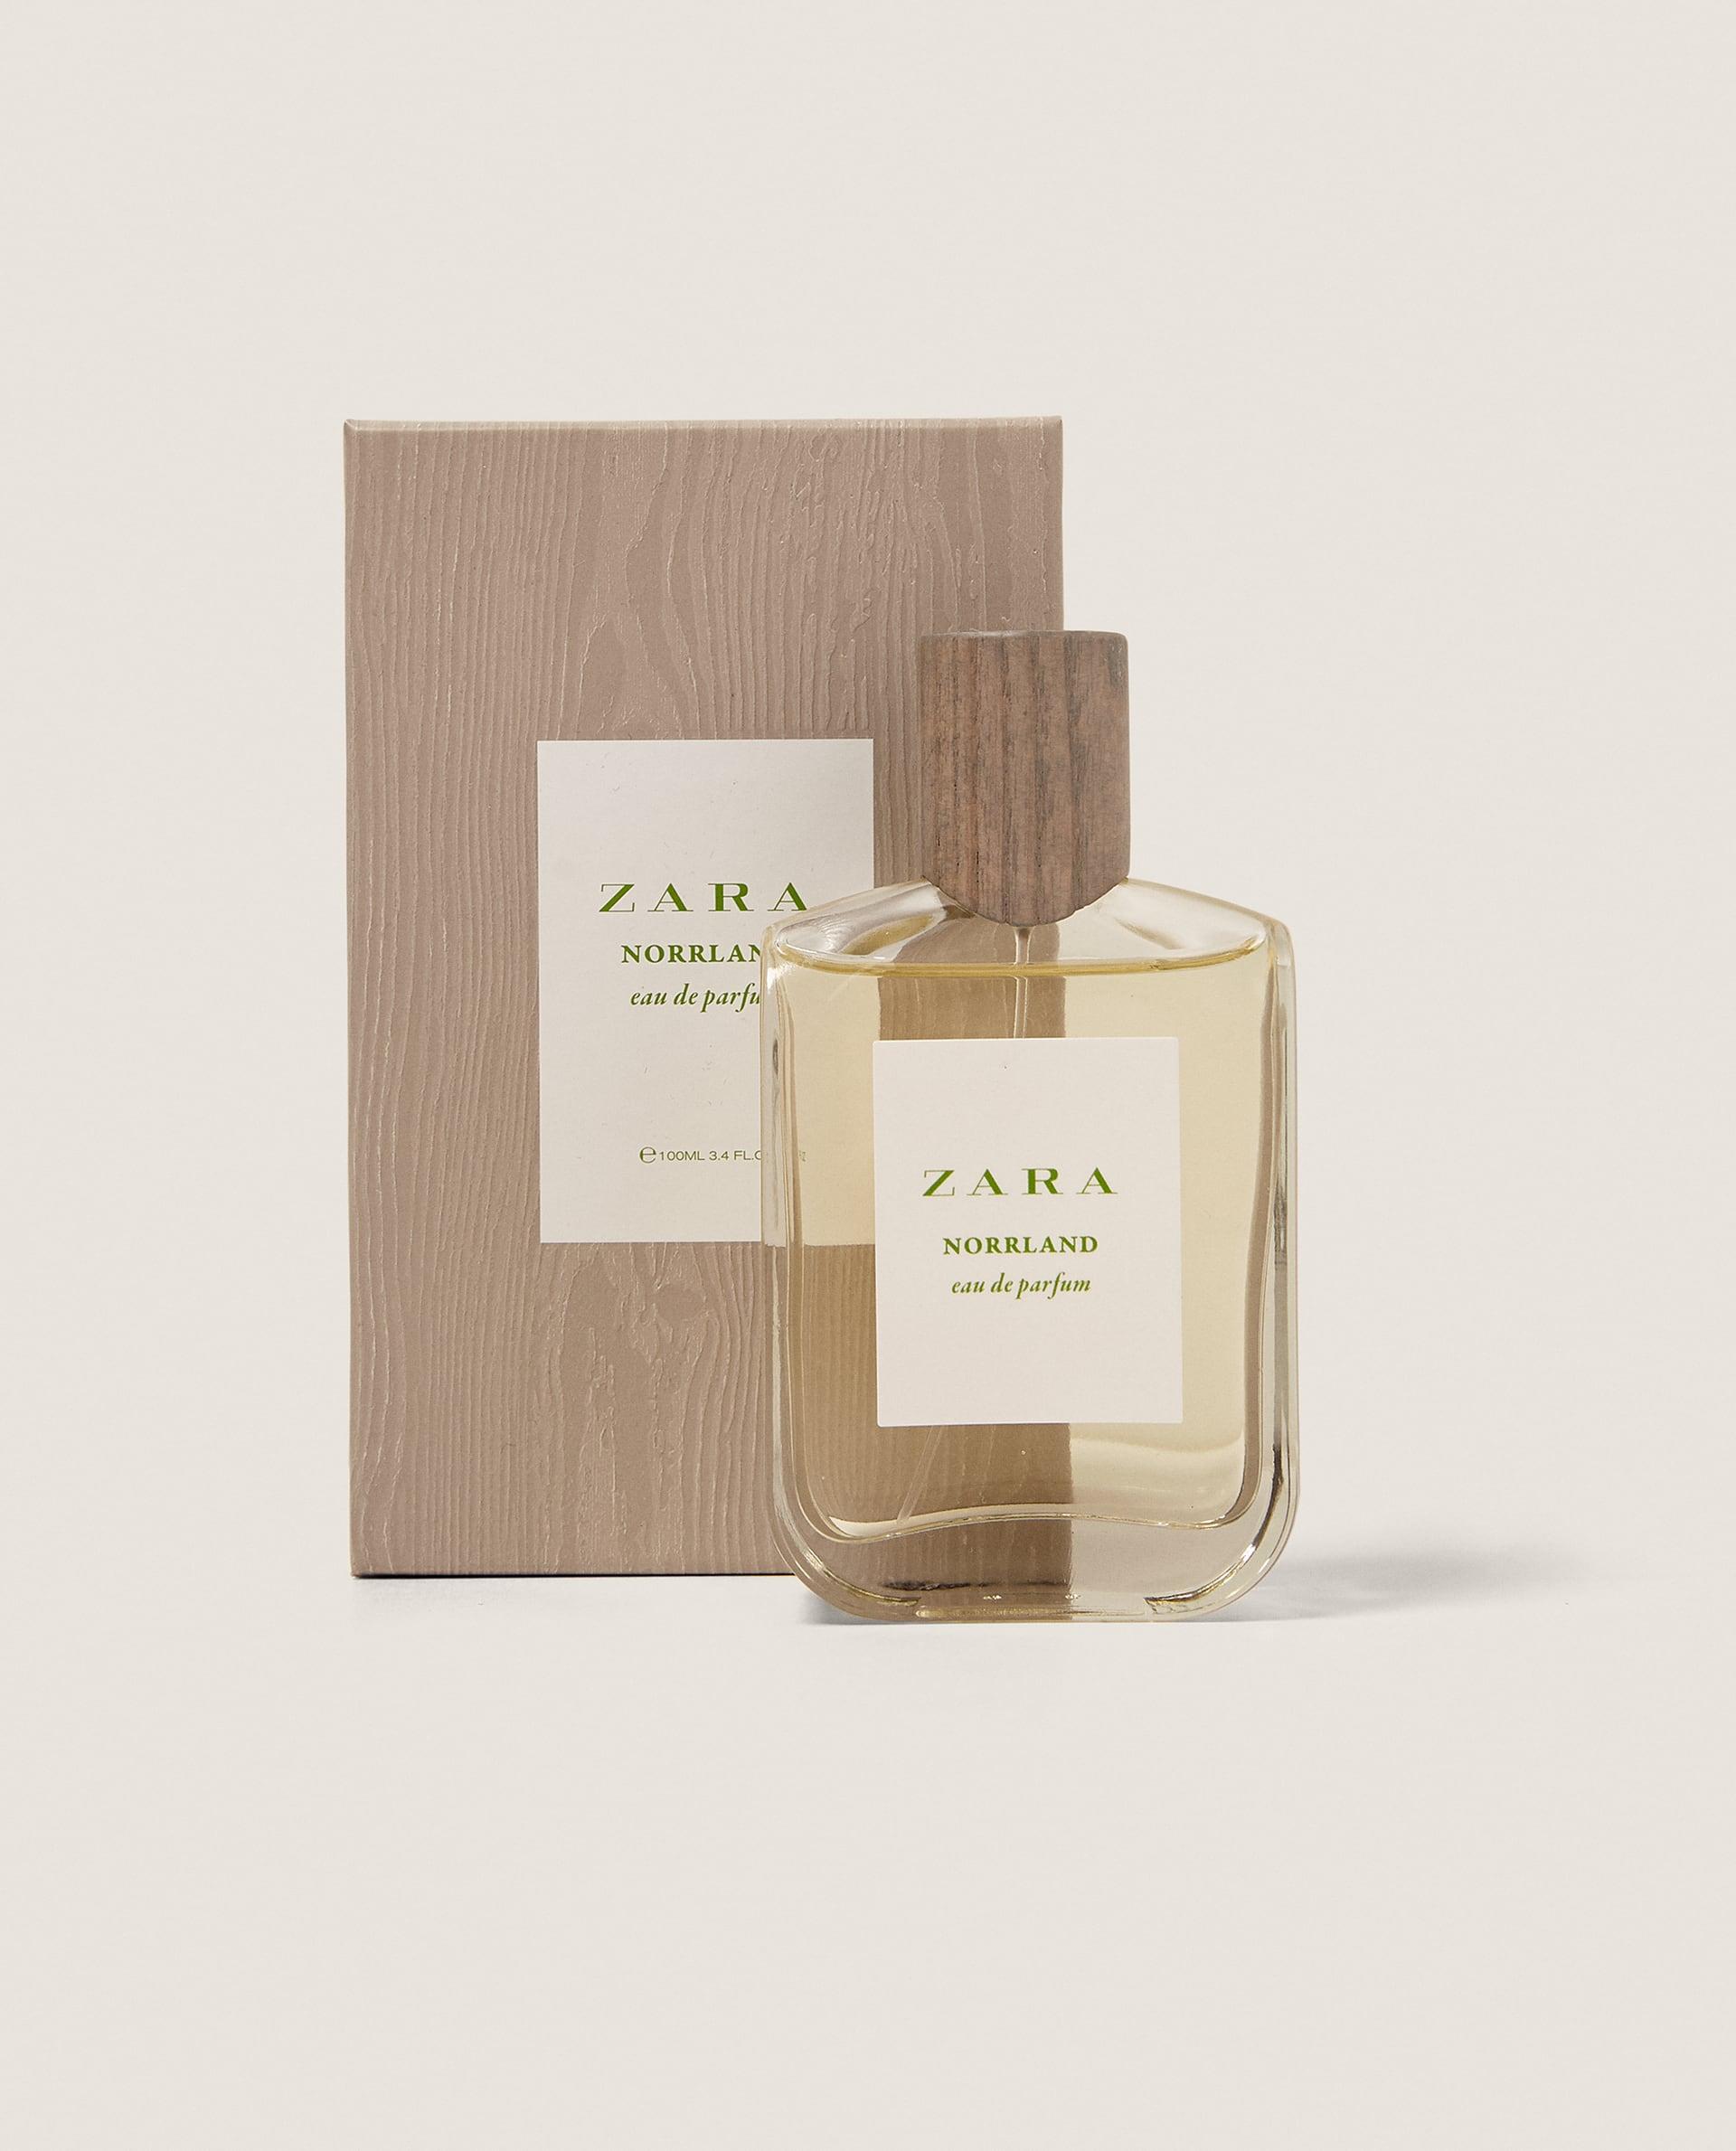 2017 Norrland Nouveau Cologne Parfum Zara Homme Un Pour On0k8wP